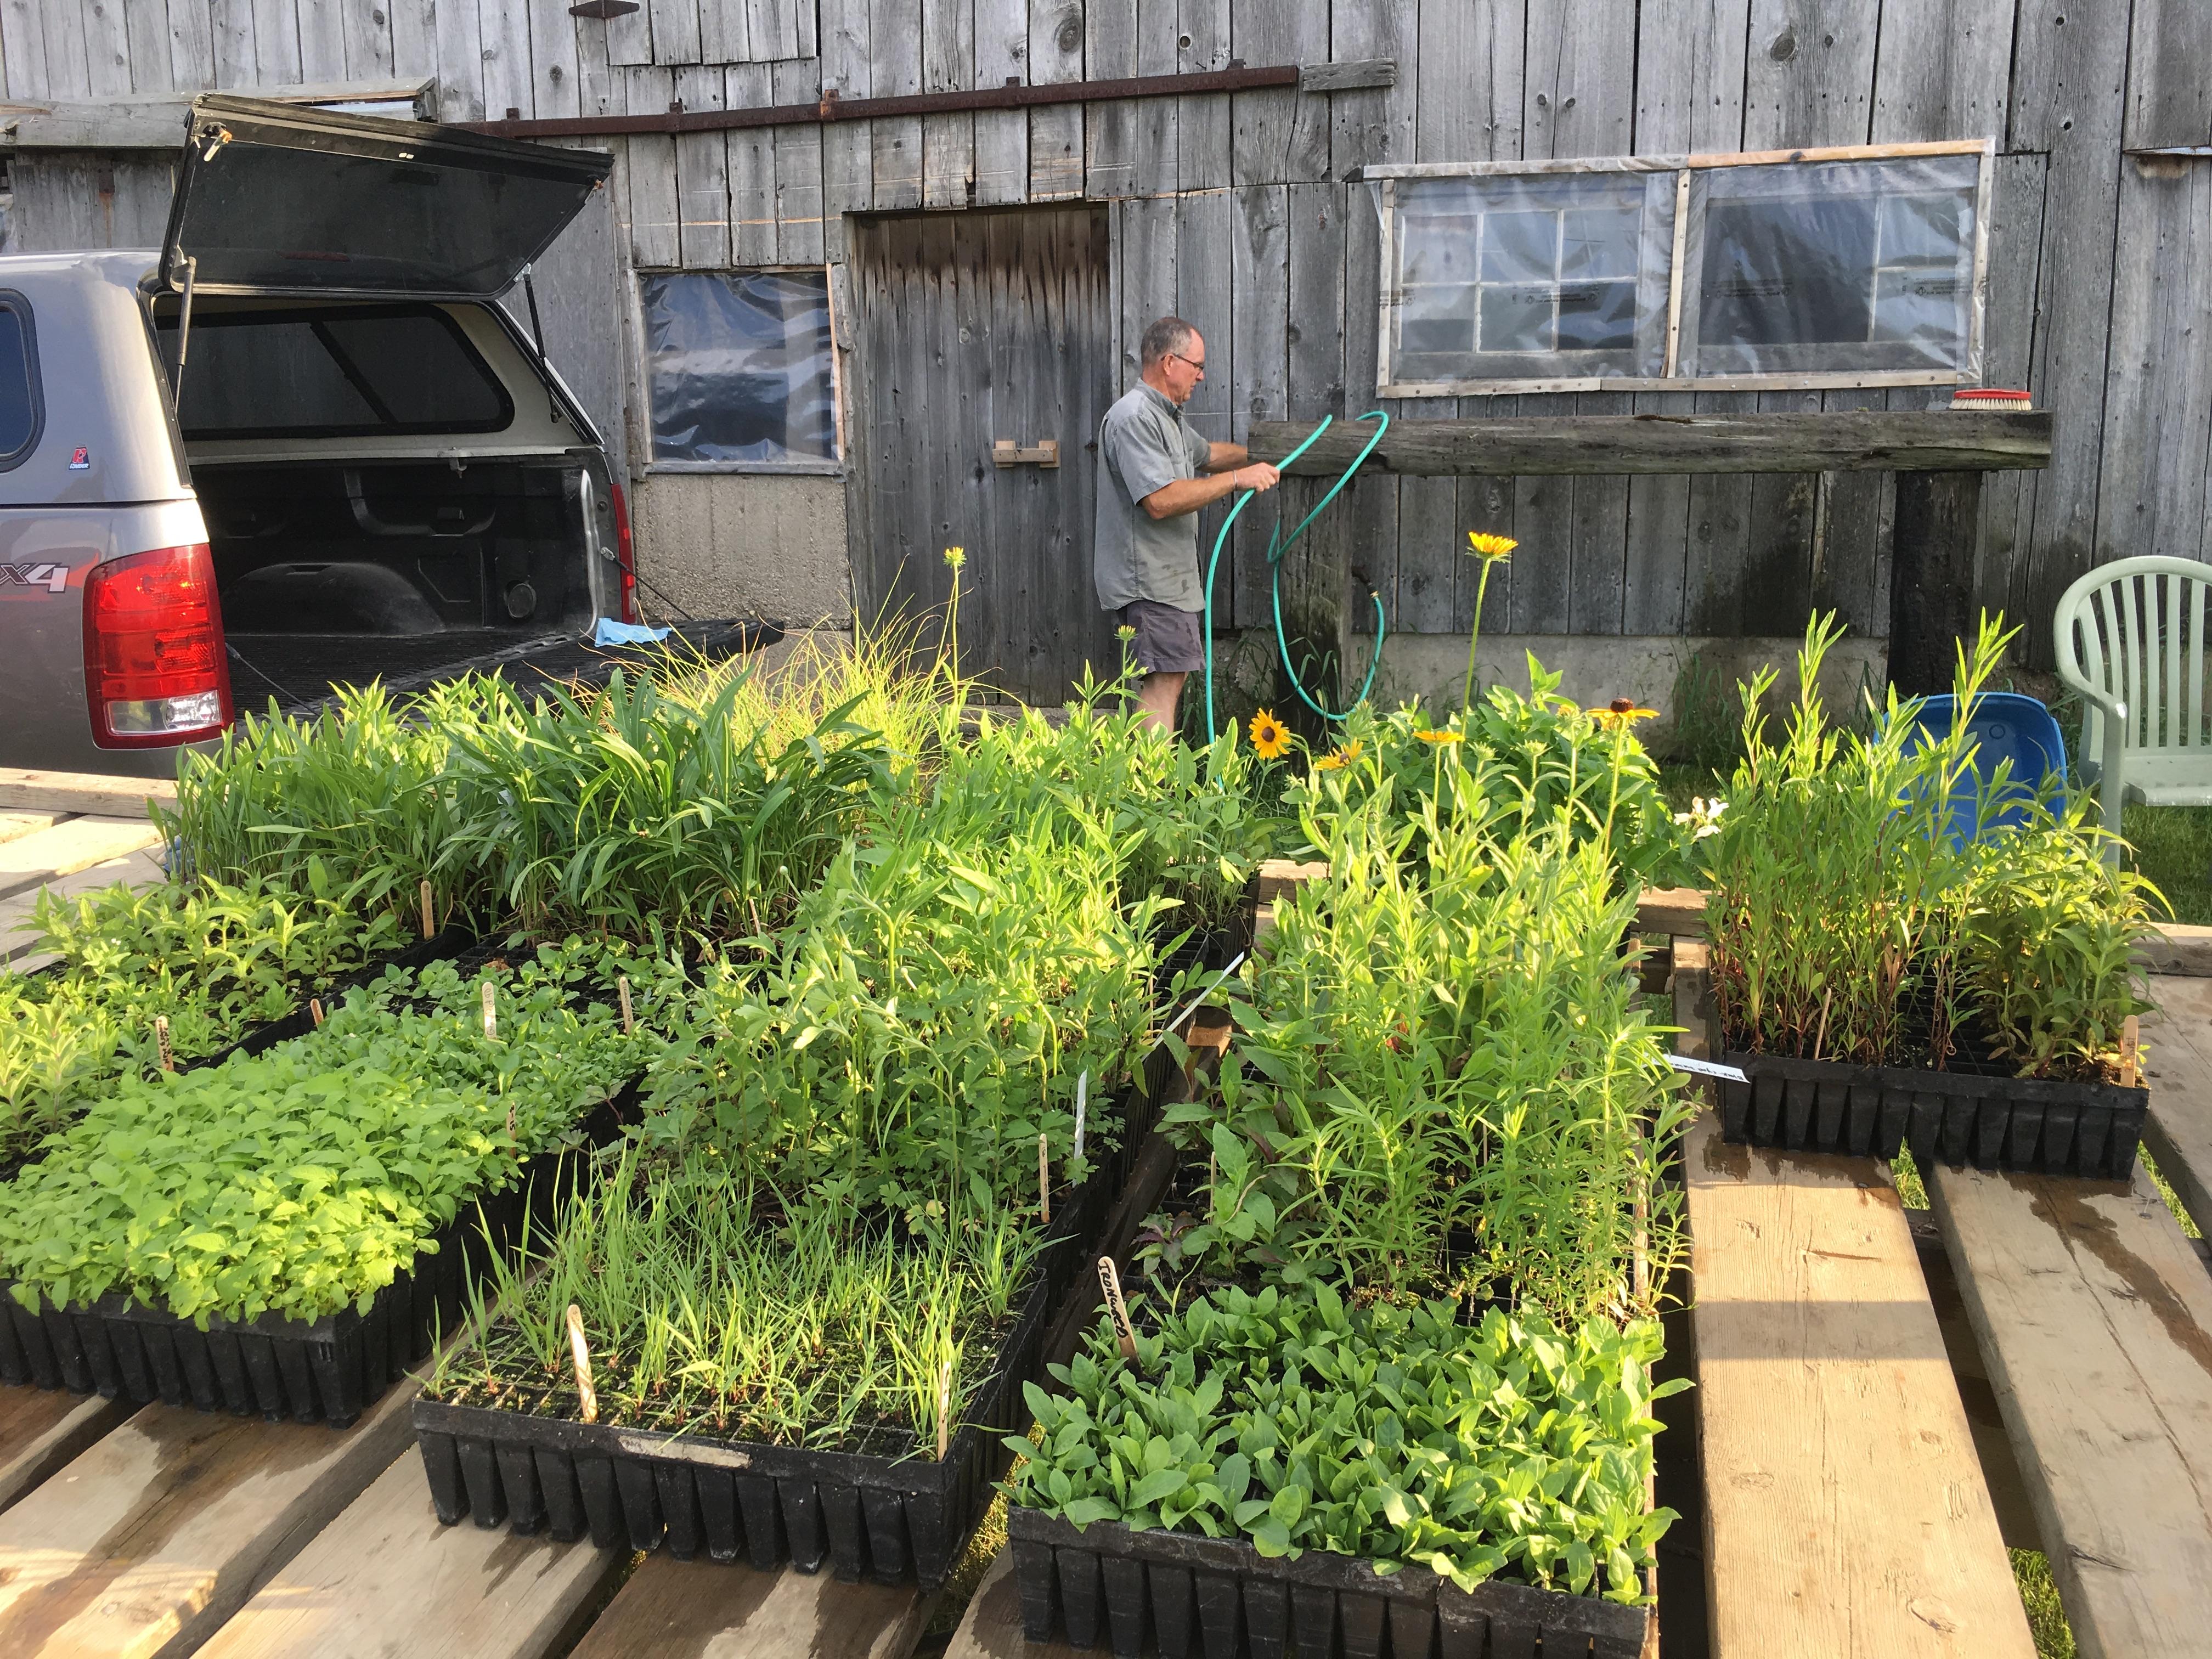 tallgrass prairie plants